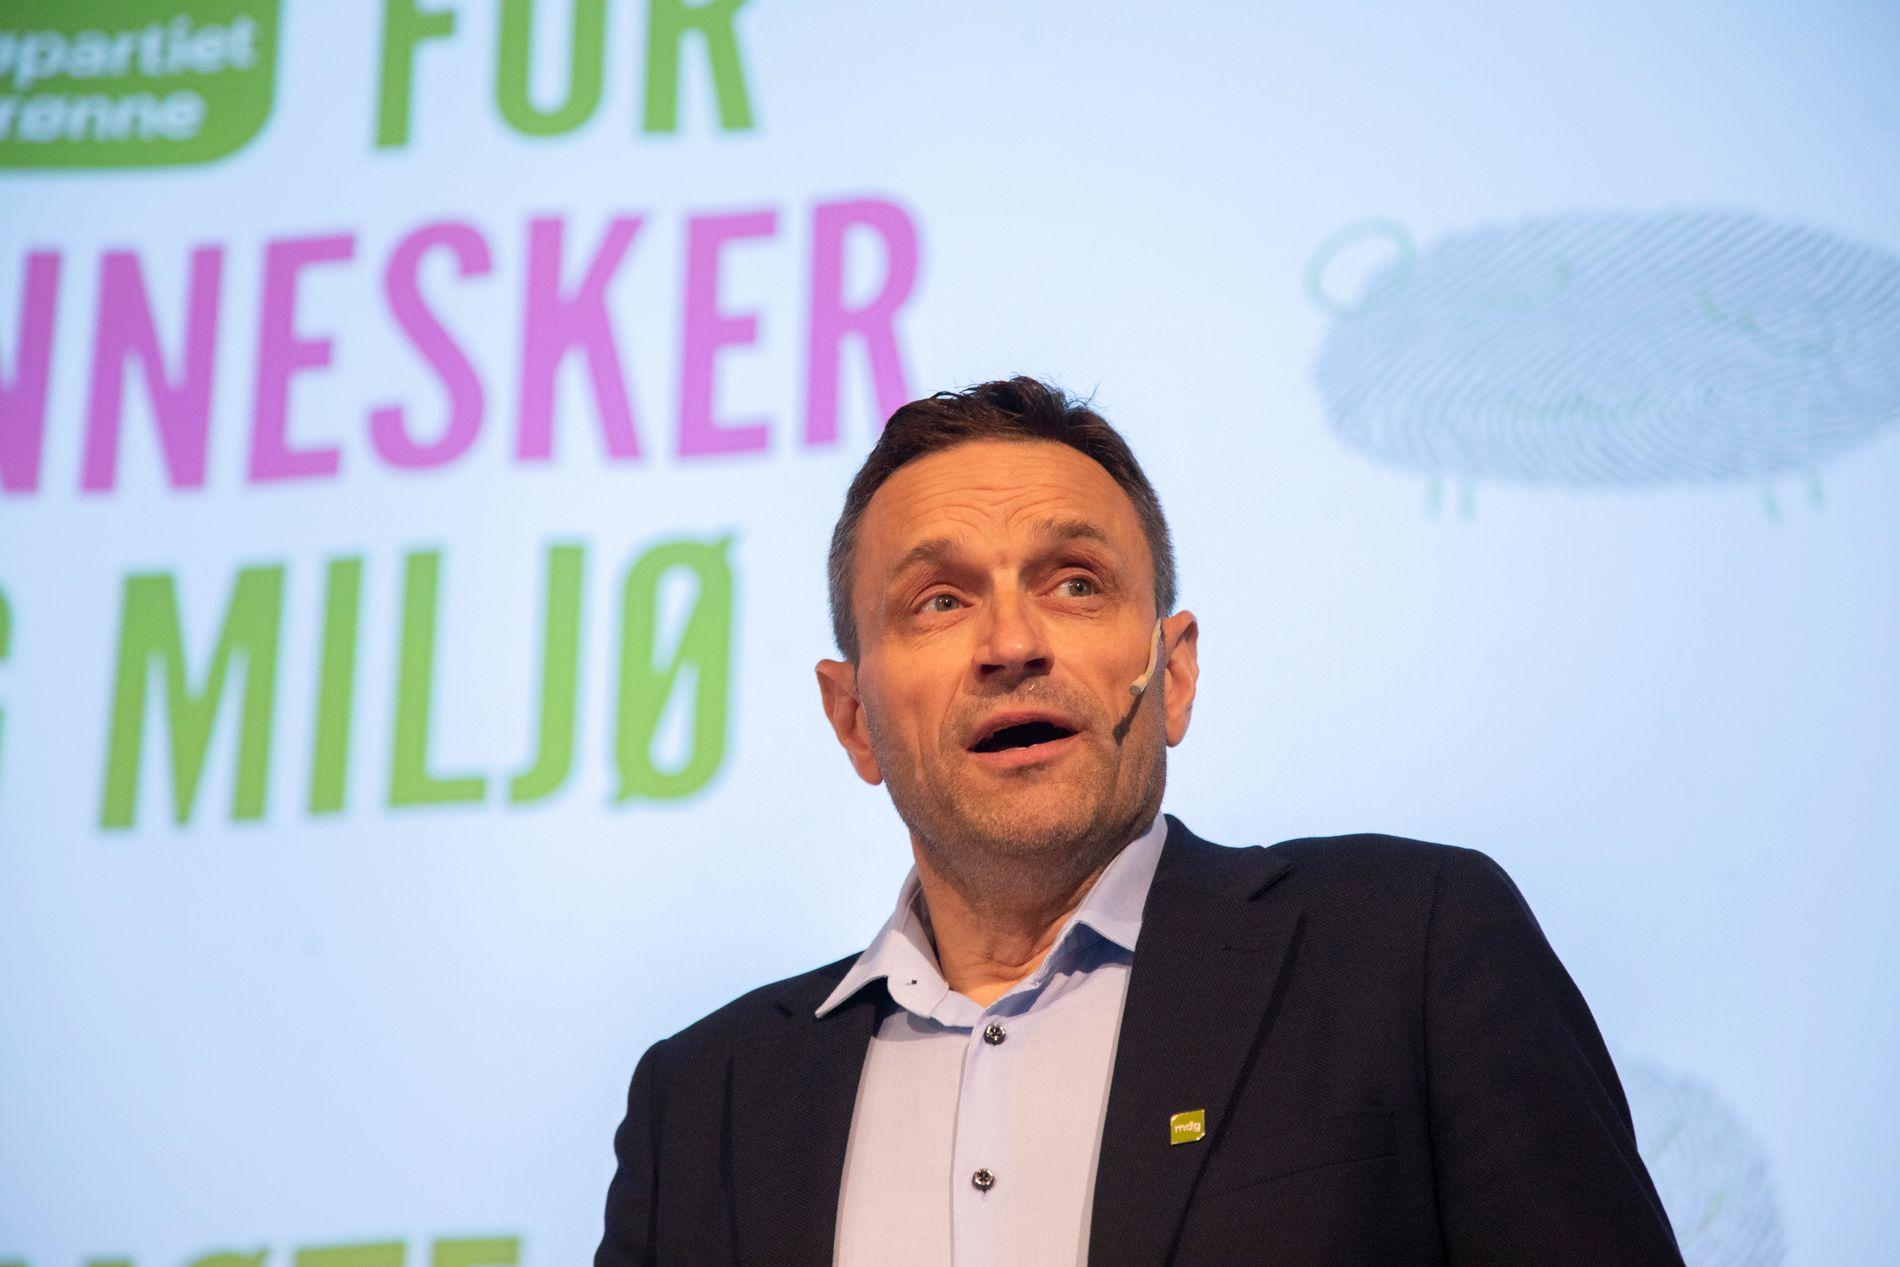 FÅ DET PÅ SKINNER: – Det er på høy tid å komme i gang med byggingen av Nord-Norgebanen, skriver Arild Hermstad i Miljøpartiet De Grønne.